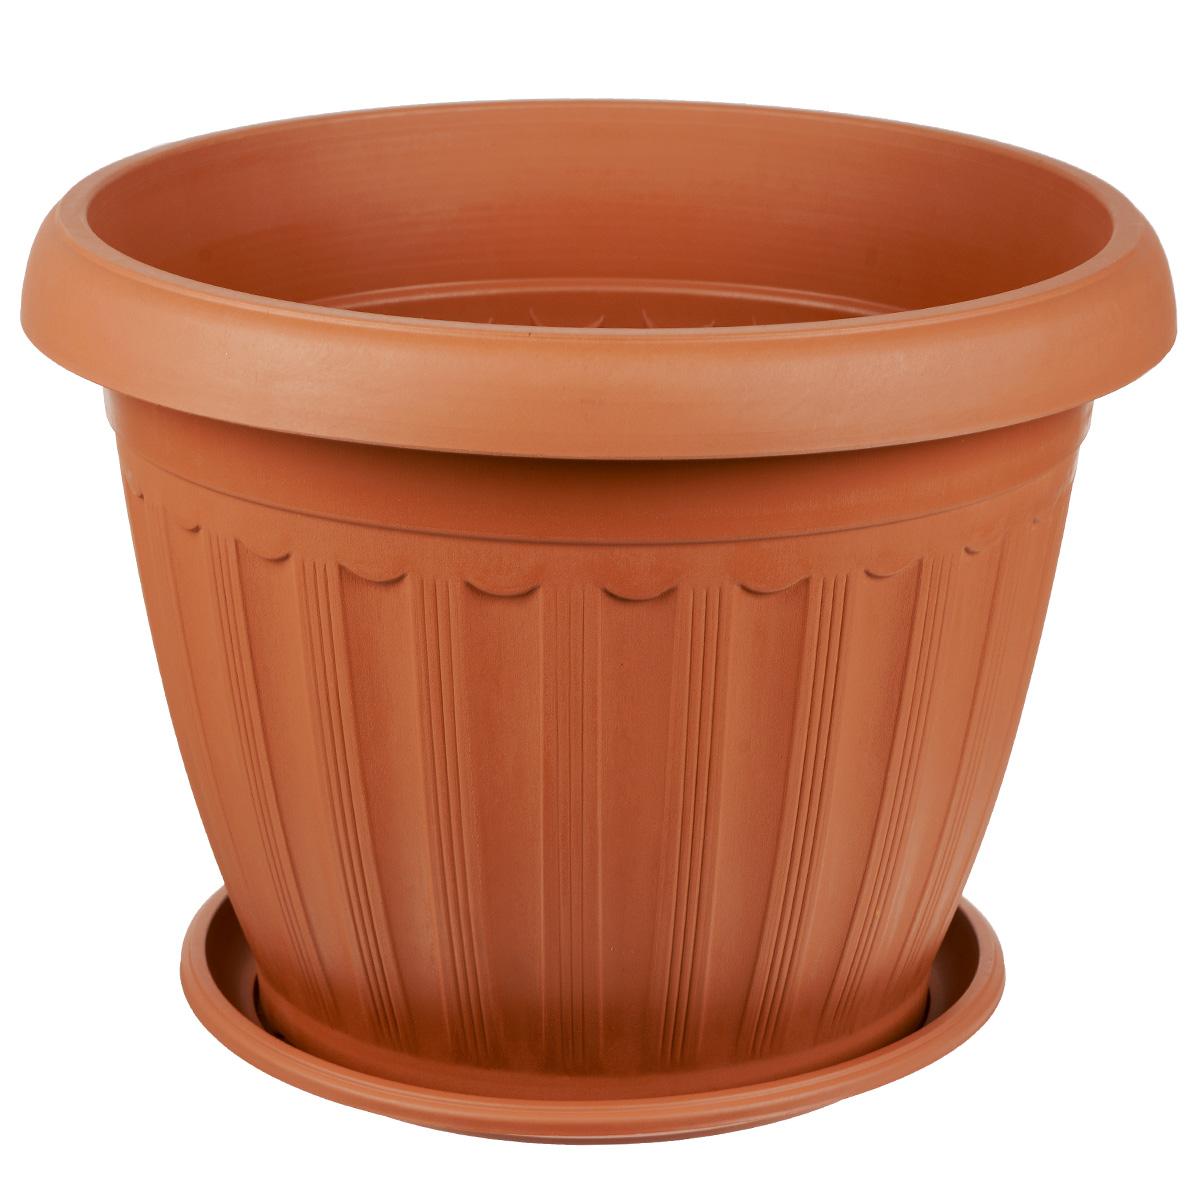 Кашпо Greenell Церера, с поддоном, цвет: терракотовый, 15 л531-402Кашпо Greenell Церера изготовлено из высококачественного пластика. Специальный поддон предназначен для стока воды. Изделие прекрасно подходит для выращивания растений и цветов в домашних условиях. Лаконичный дизайн впишется в интерьер любого помещения. Объем: 15 л.Диаметр поддона: 26,5 см.